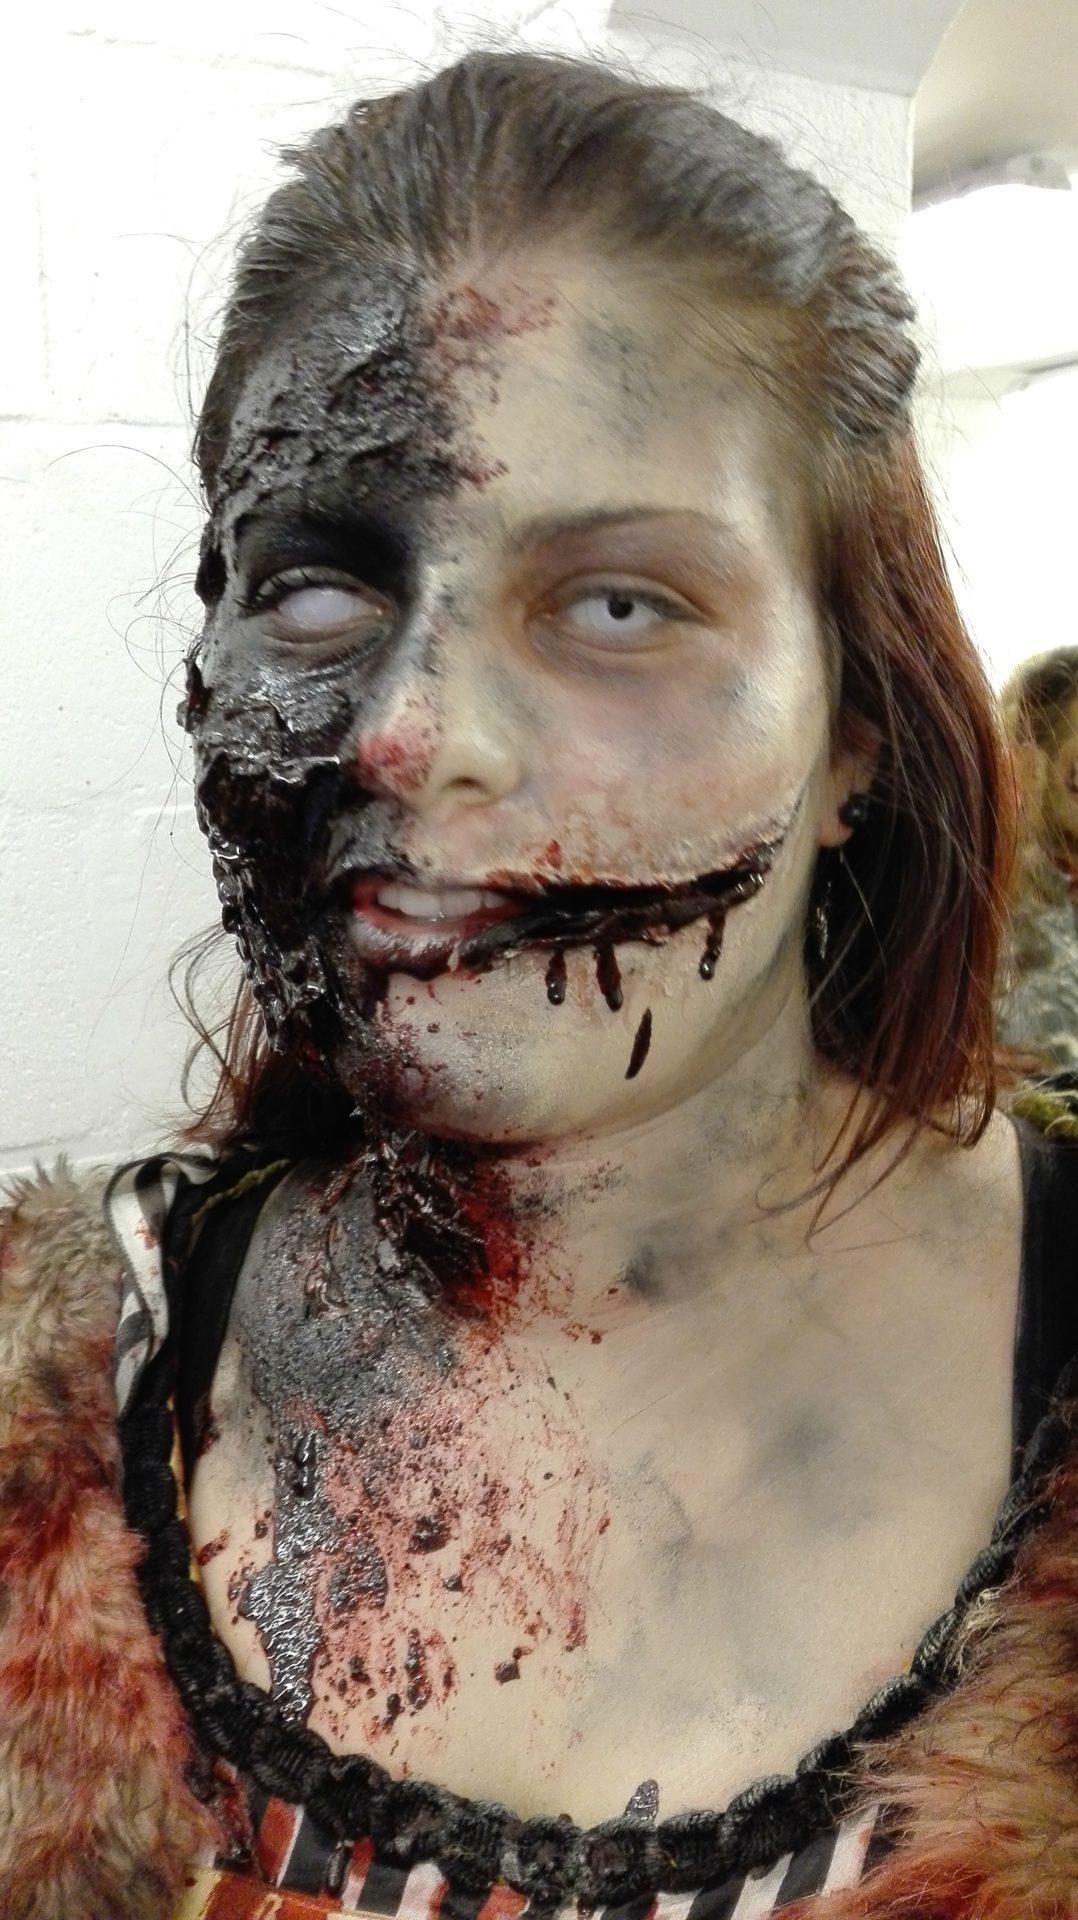 Maquillage de zombie pour Halloween, visage arraché et sourire de l'ange